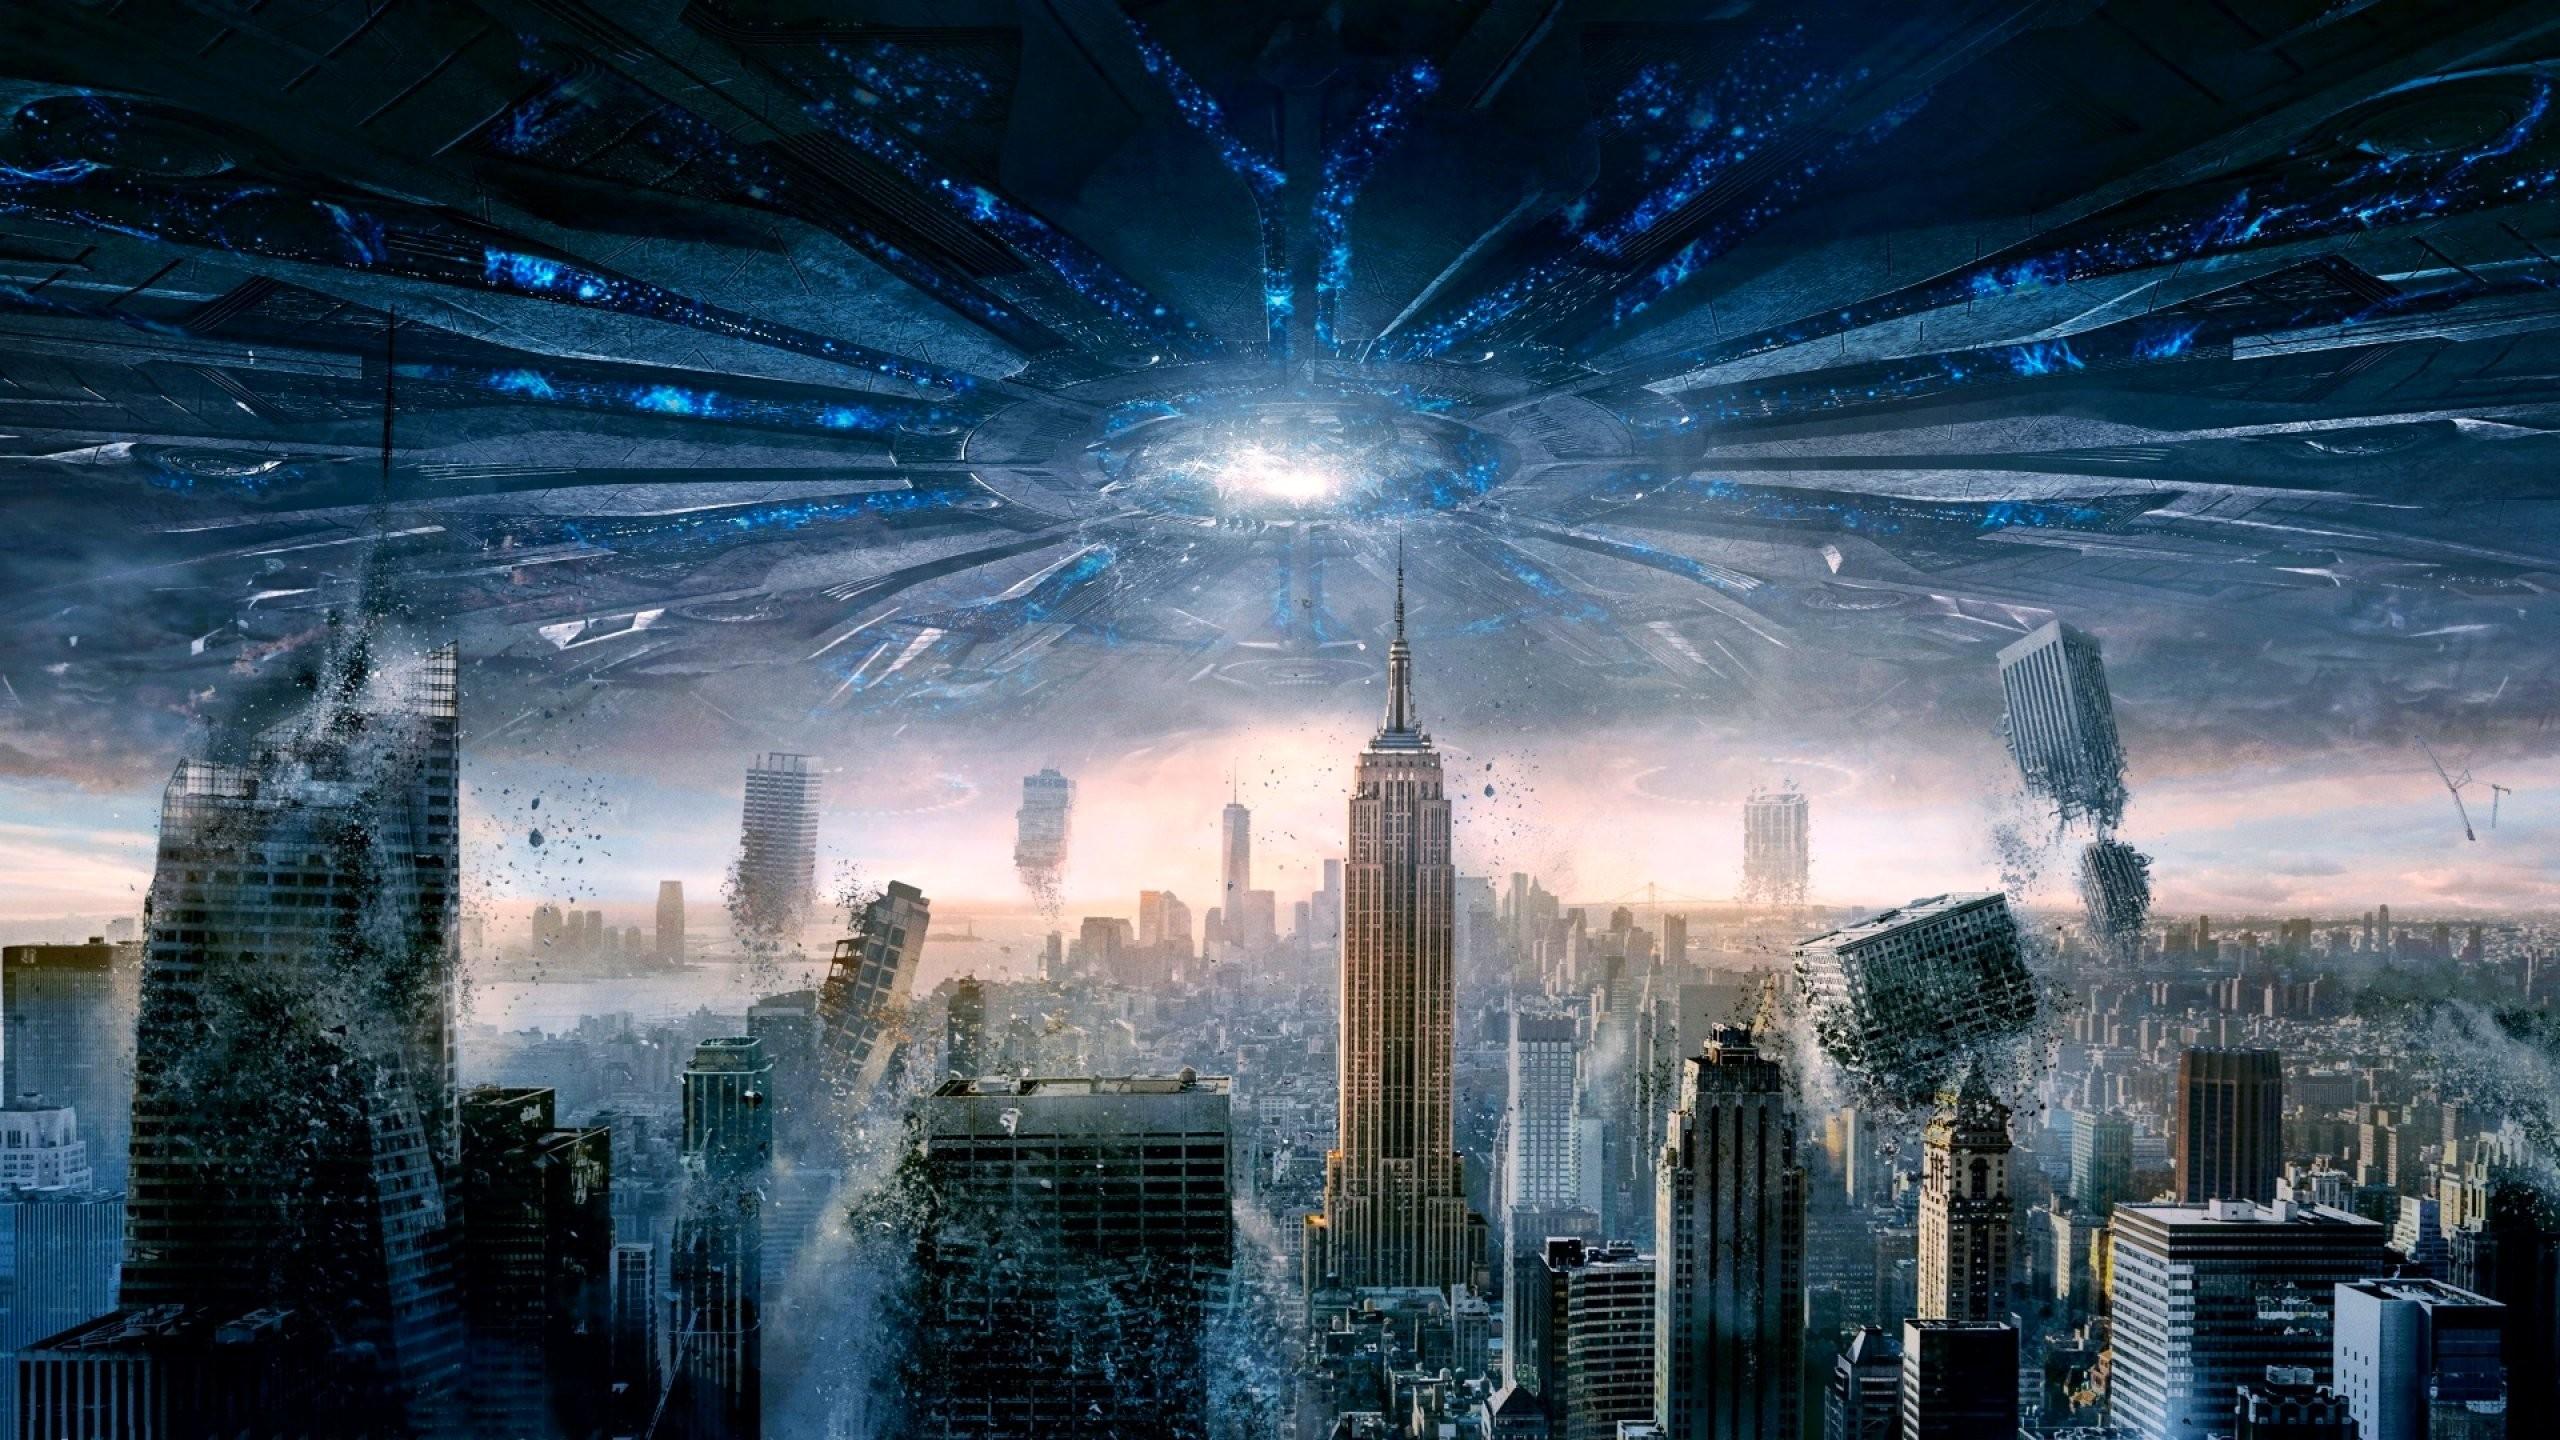 Thriller Fantasy Images Action Adventureindependence Spaceship 2560x1440